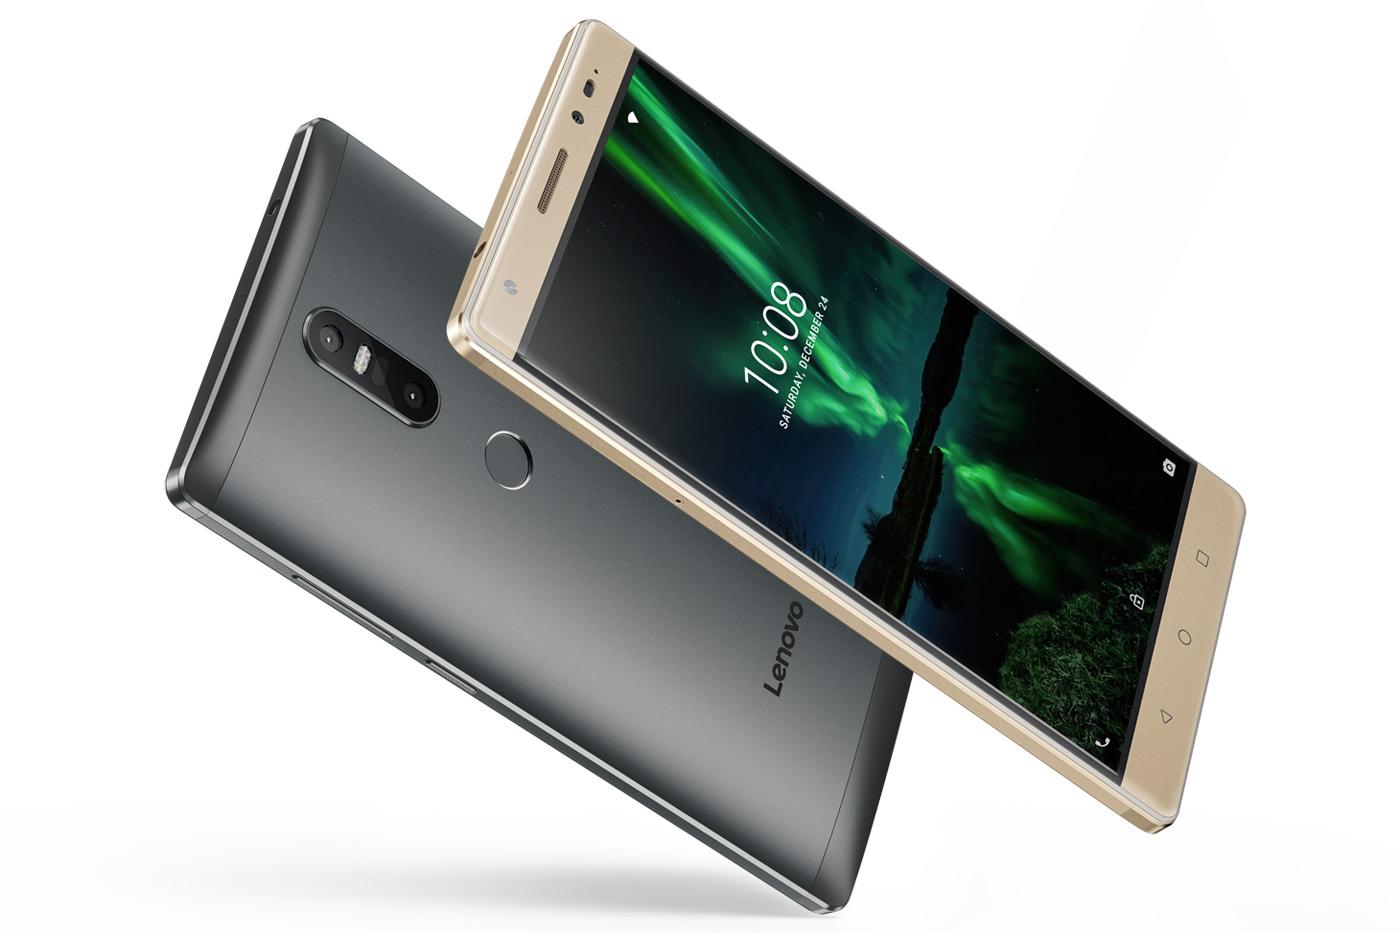 Dünya'nın ilk Tango uyumlu telefonu Lenovo Phap2 Pro!!